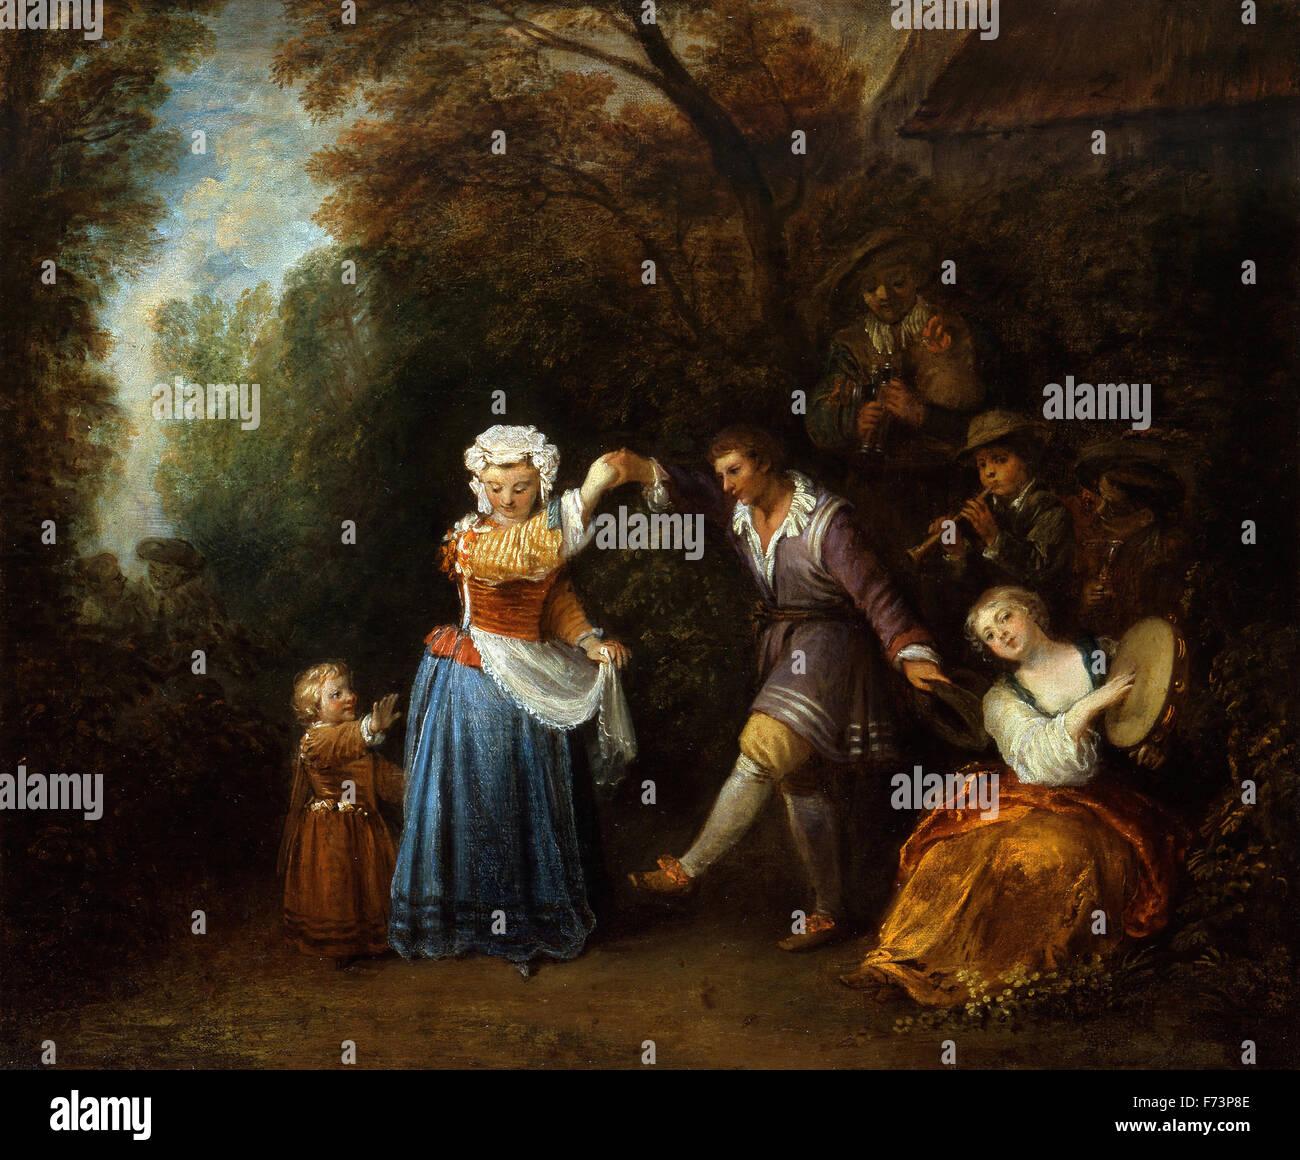 Jean-Antoine Watteau - La Country Dance Immagini Stock